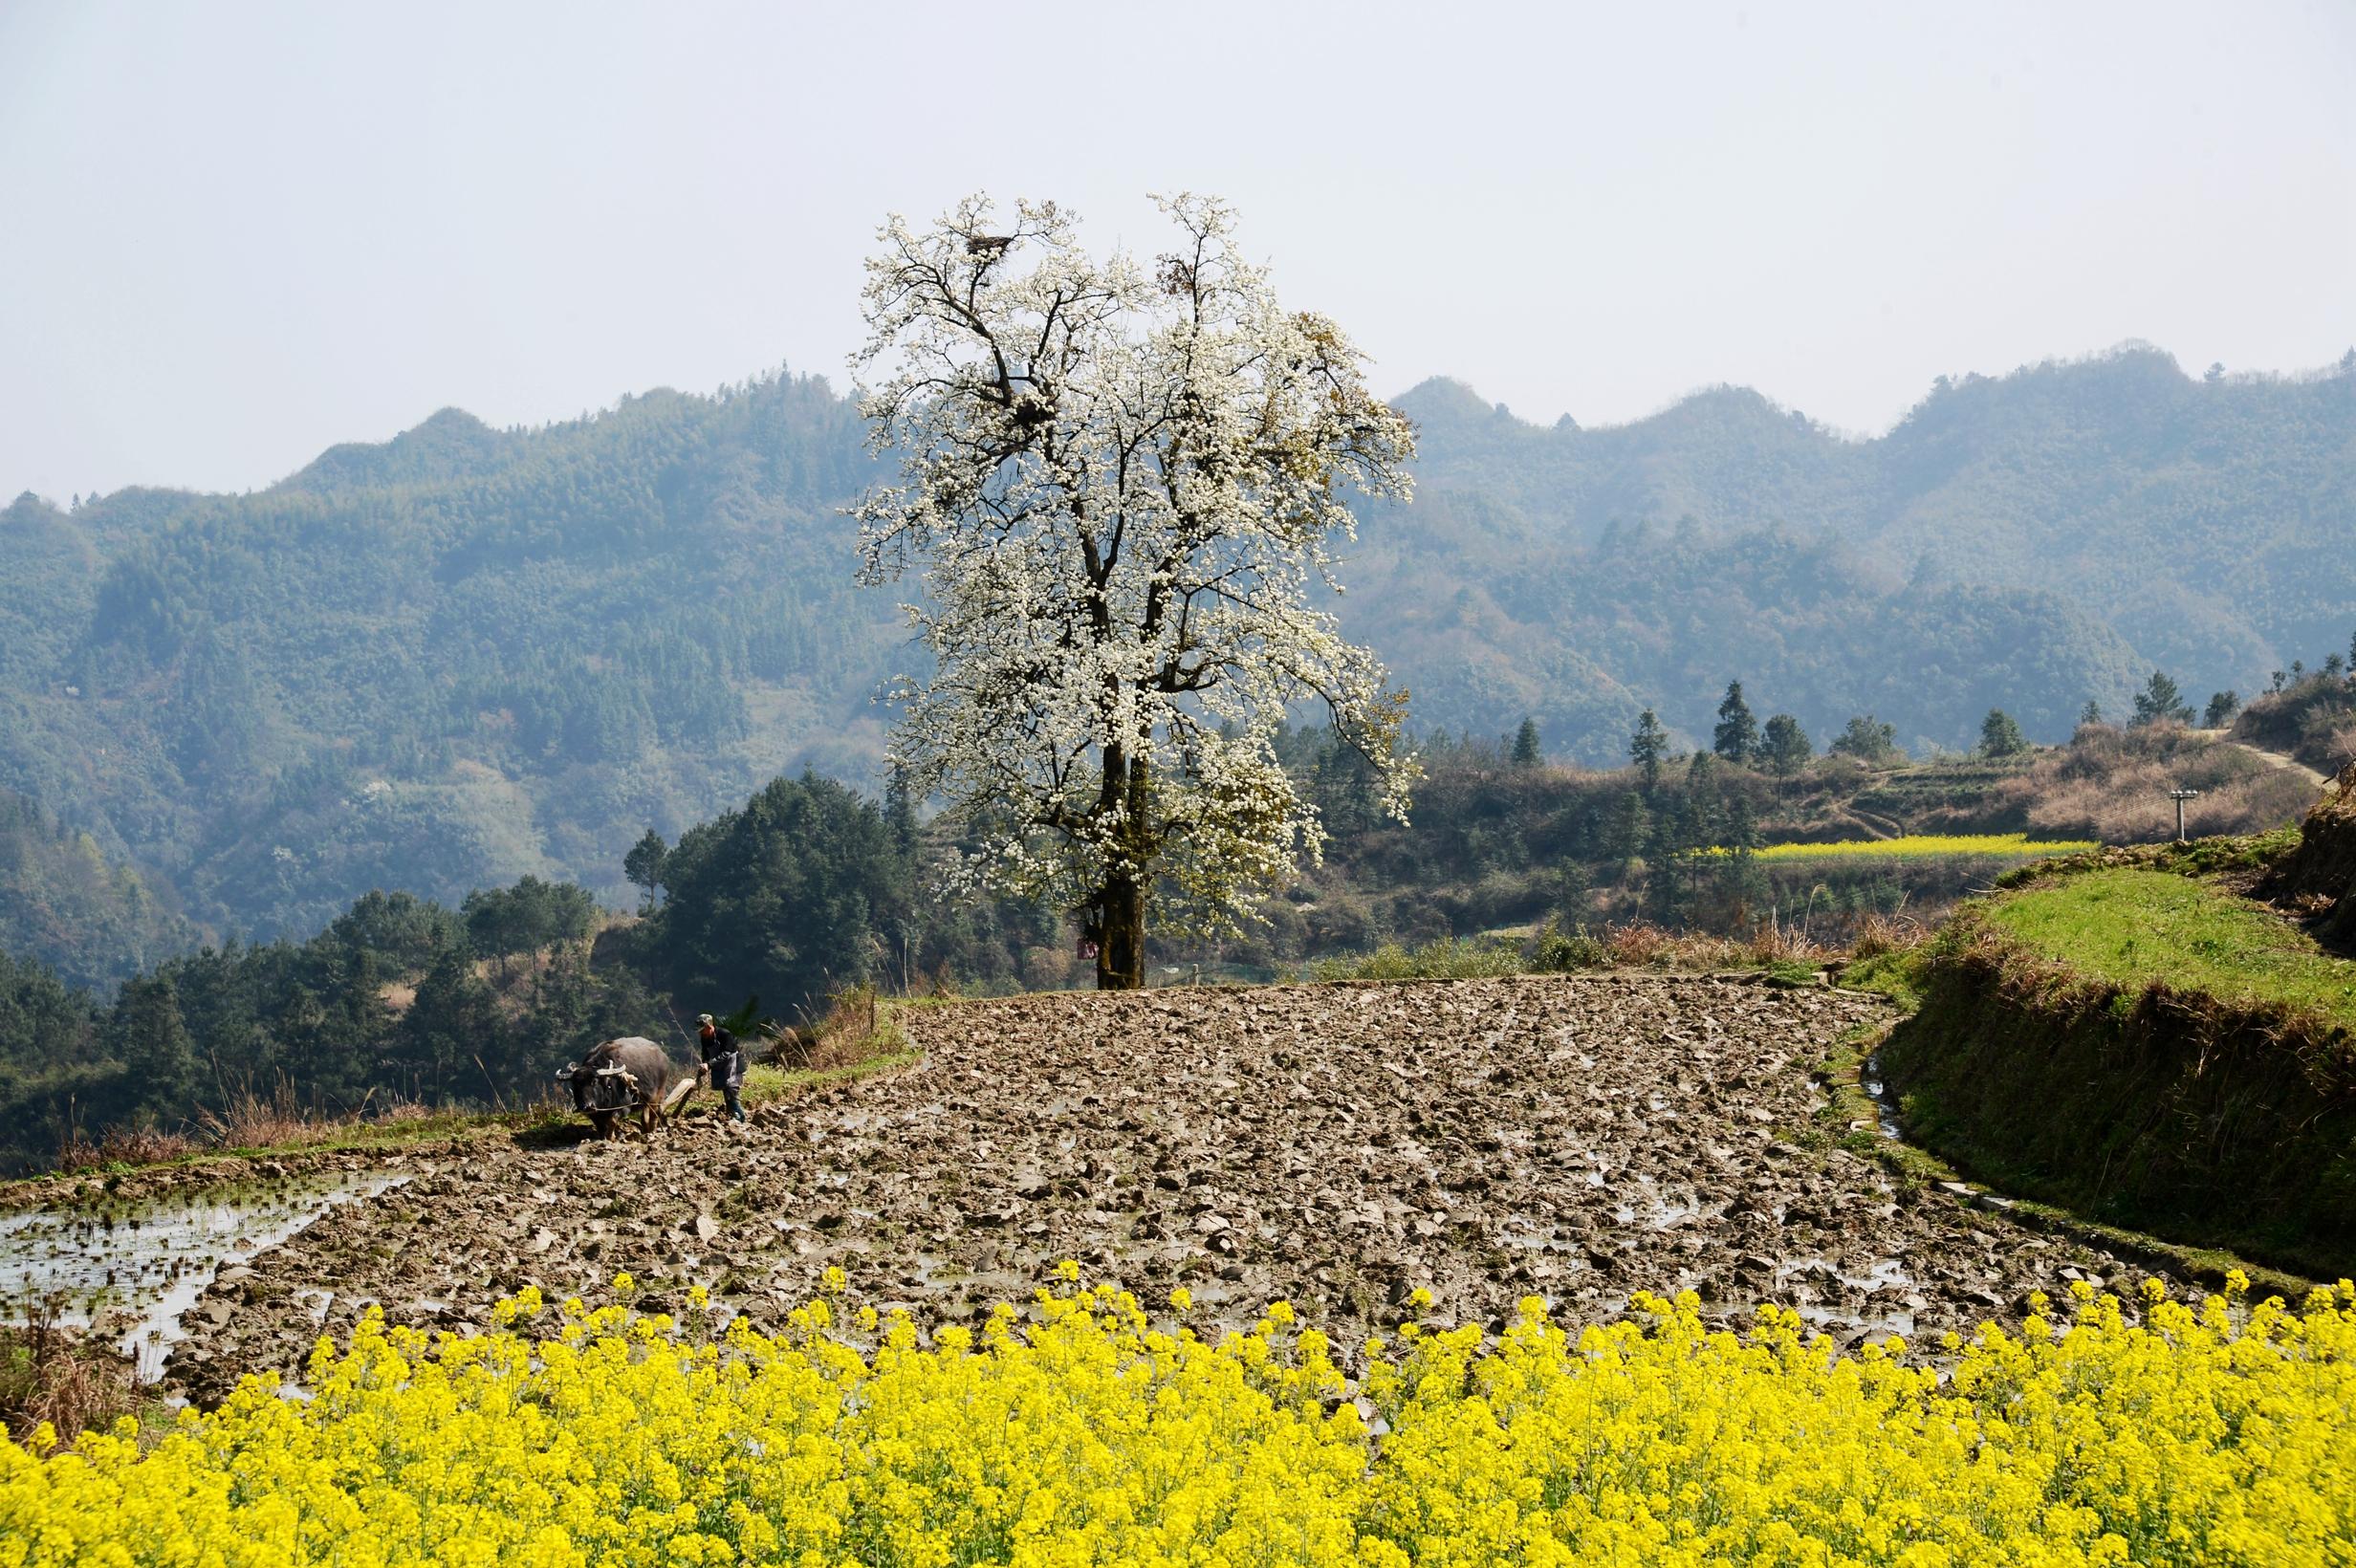 张家界武陵源:千年梨树开花 十里春风为马,真是壮世奇观